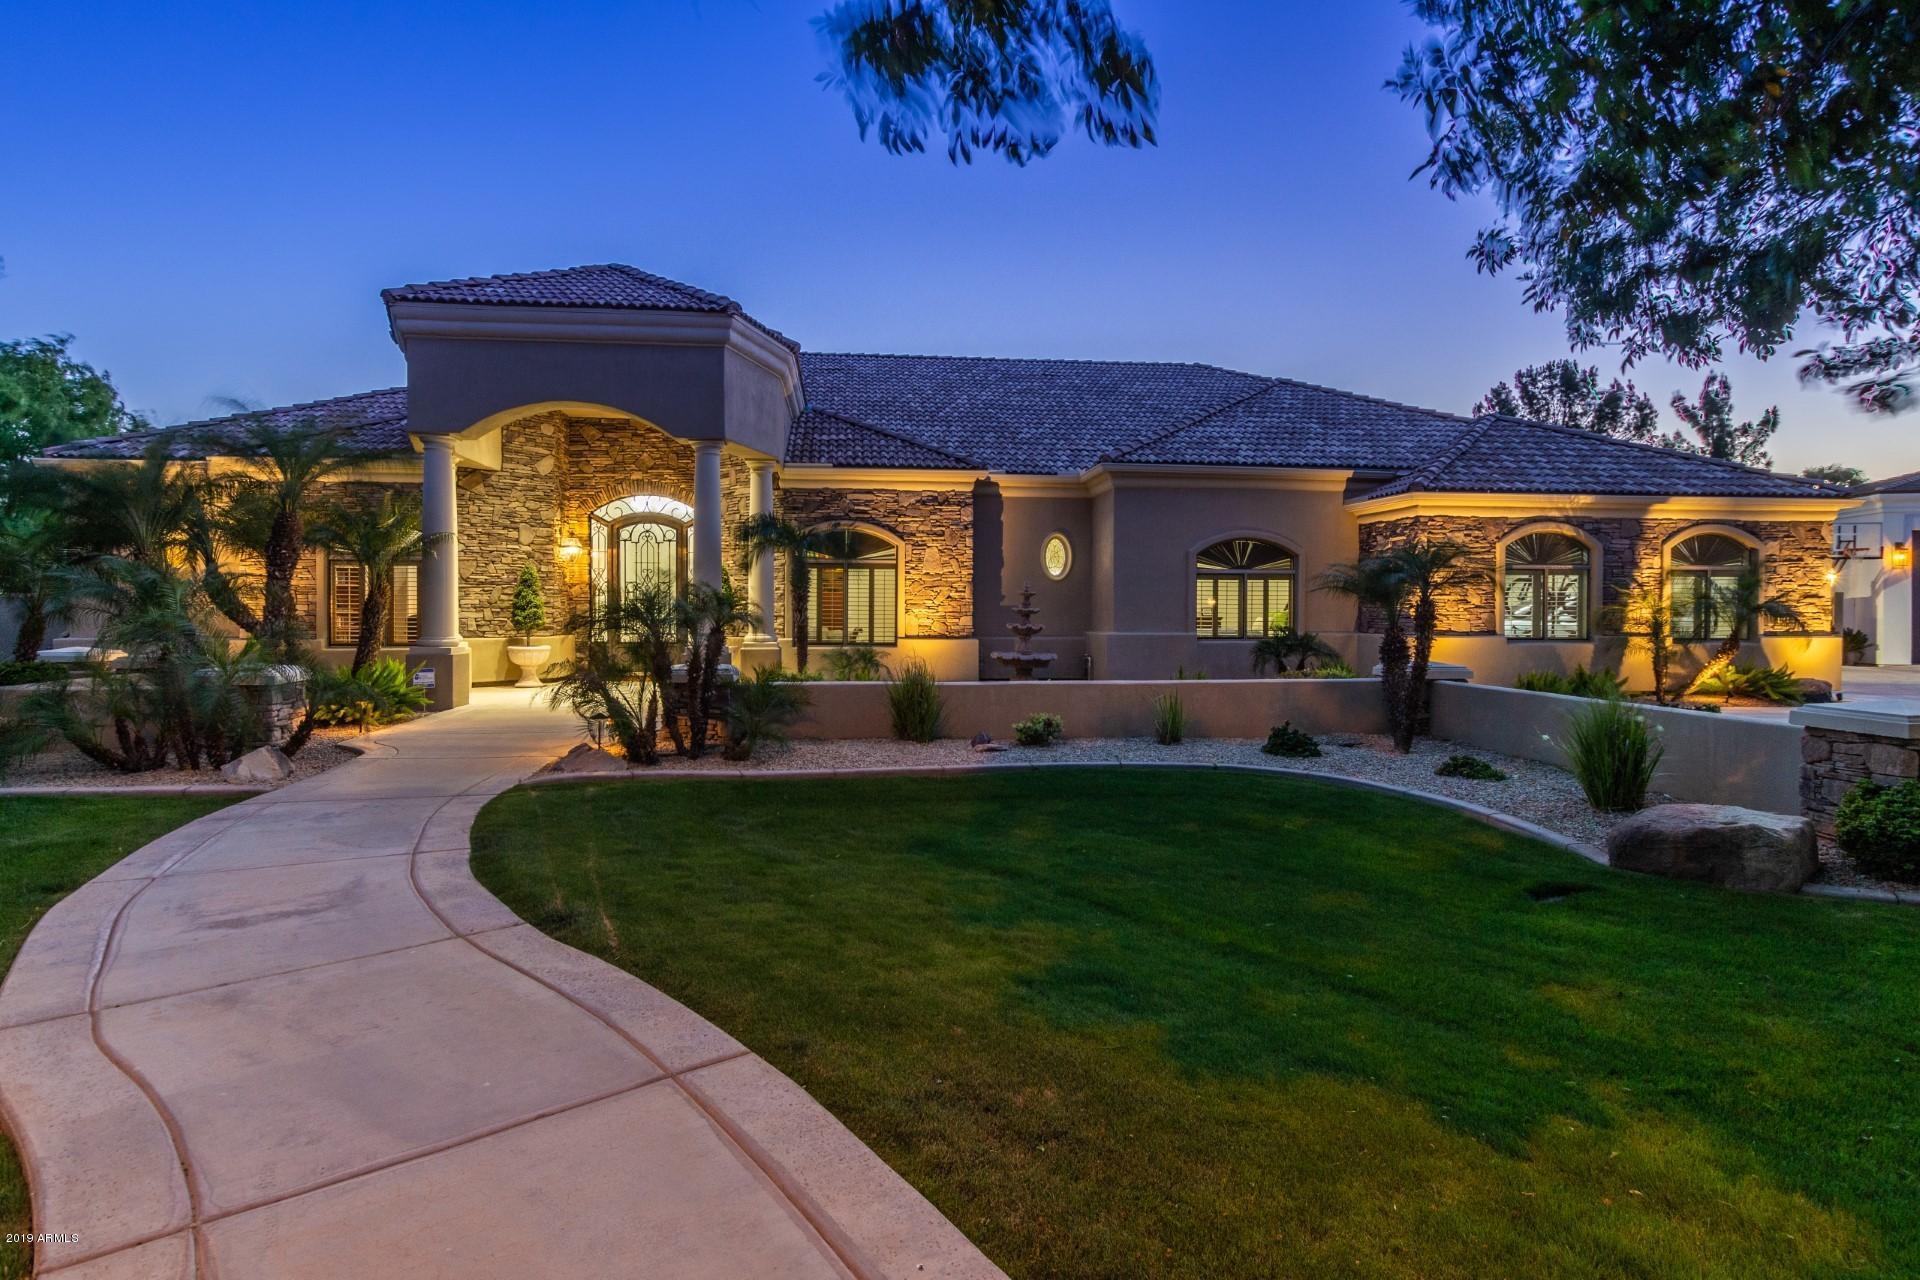 MLS 5914875 306 S ROCHESTER Court, Gilbert, AZ Circle G - Gilbert Homes for Sale